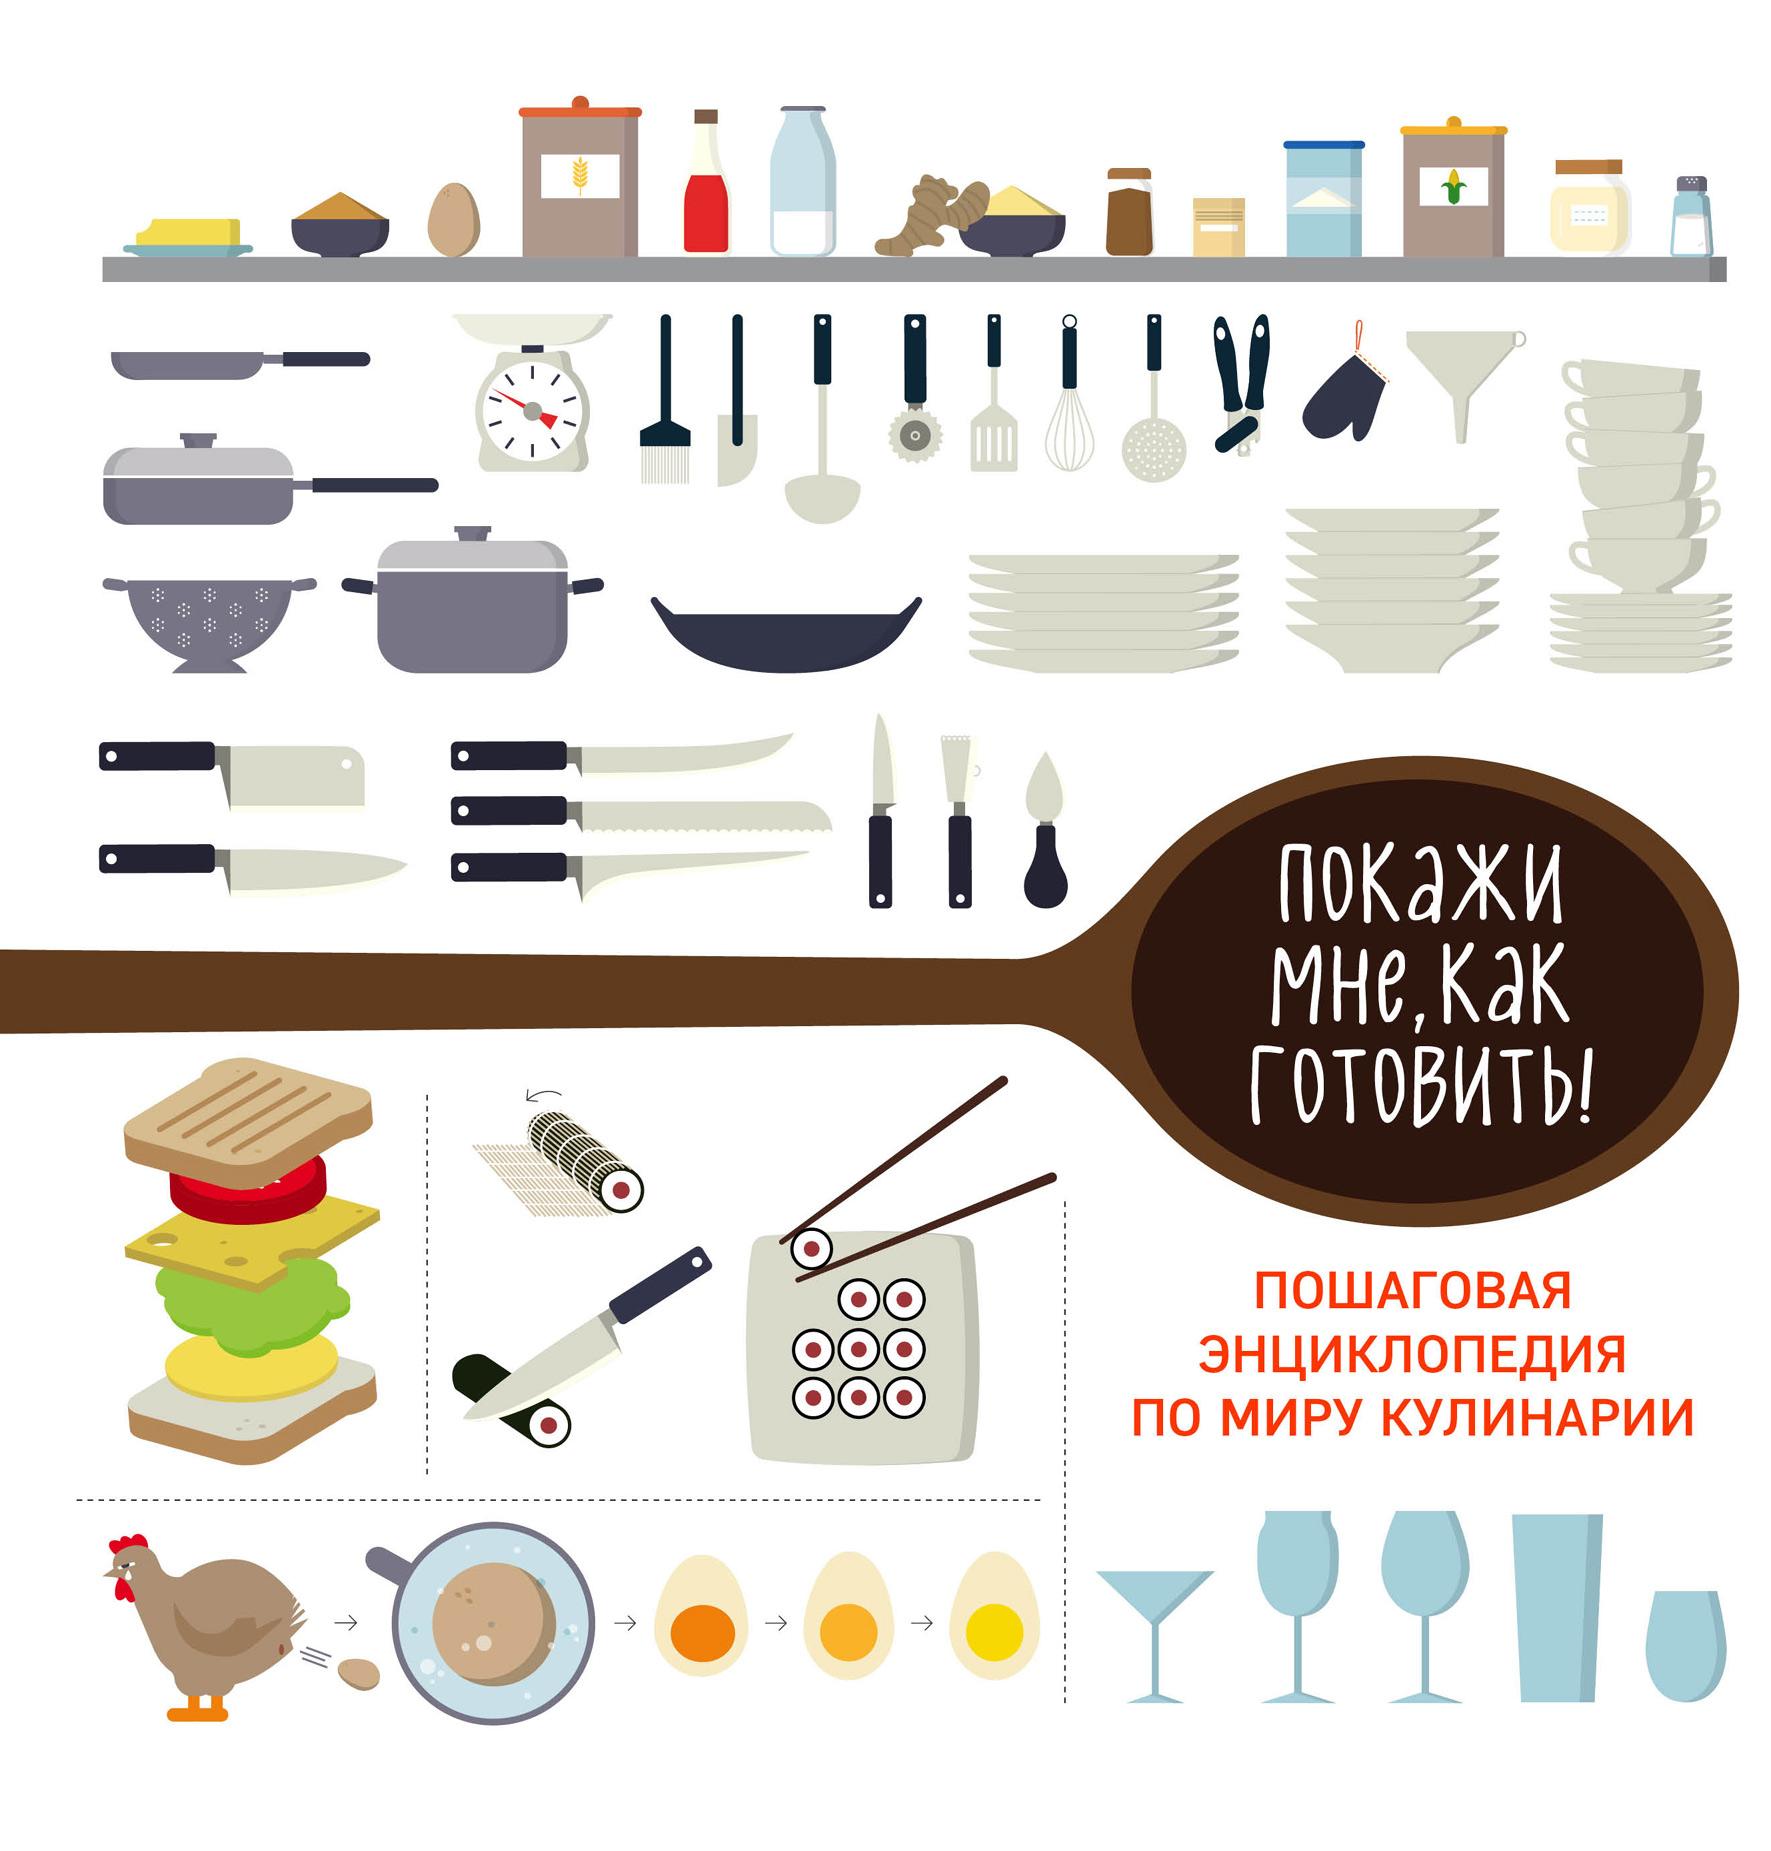 Покажи мне, как готовить! Пошаговая энциклопедия по миру кулинарии